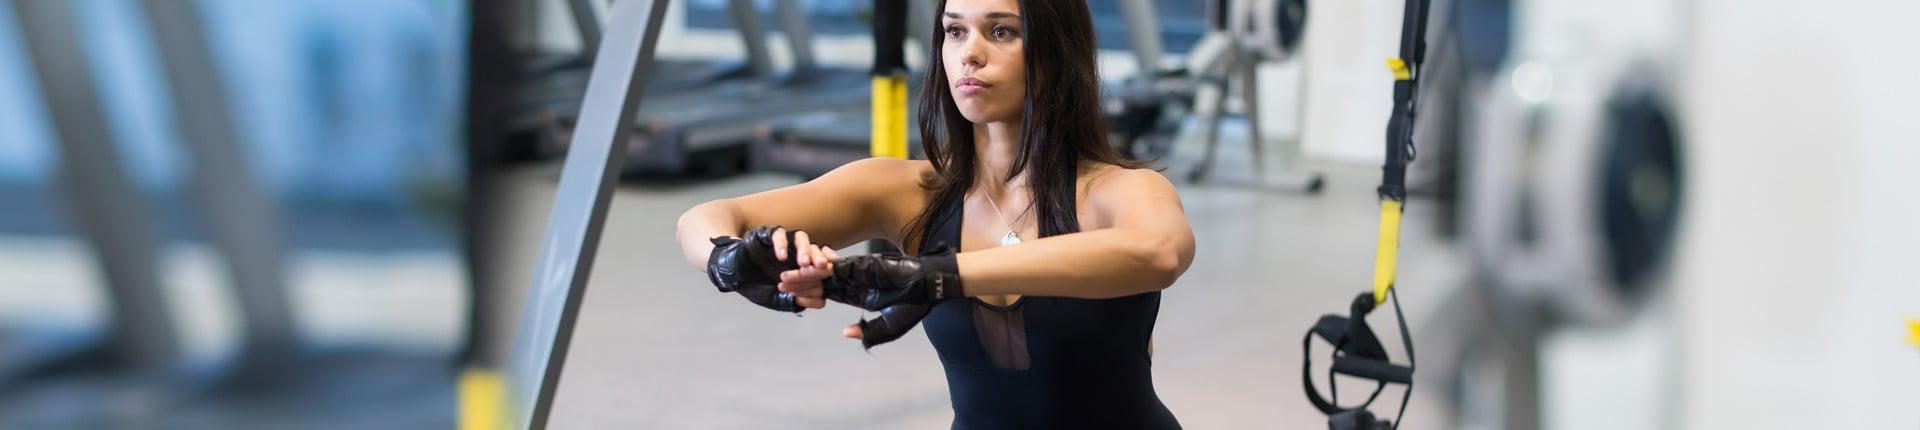 Forskolina - wpływ na redukcję tkanki tłuszczowej